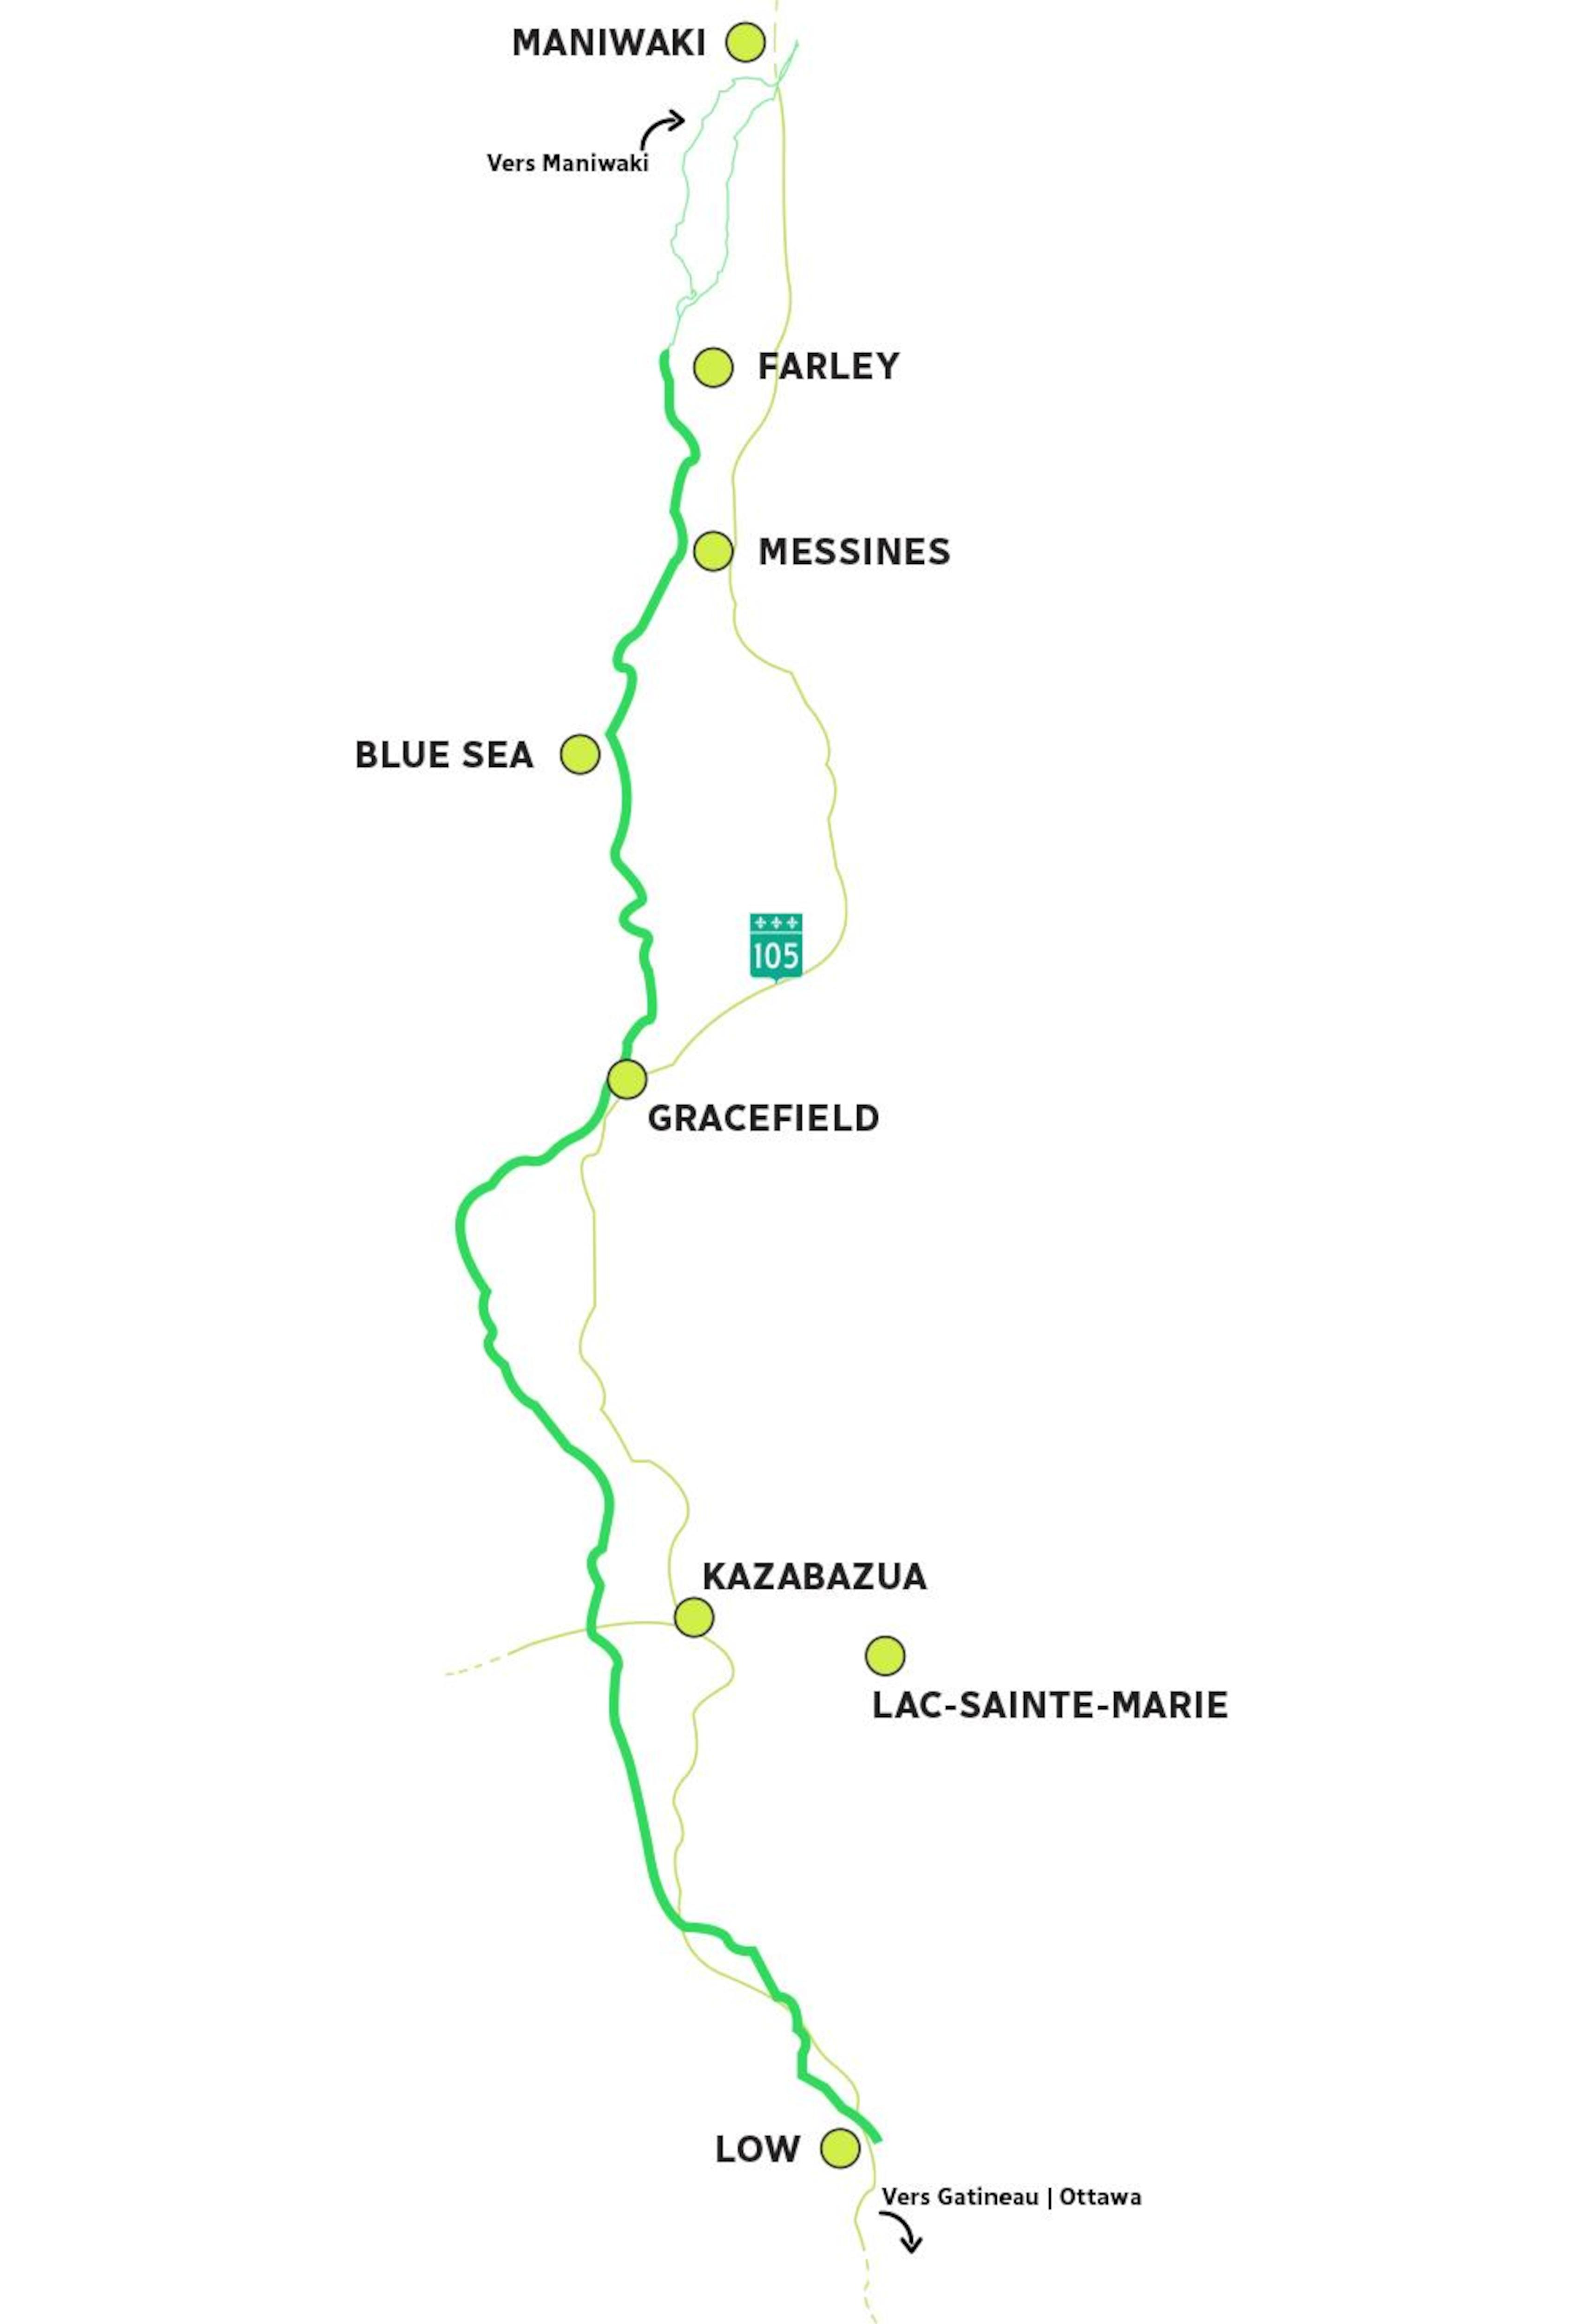 Une carte d'un circuit de cyclisme dans la Haute-Gatineau.